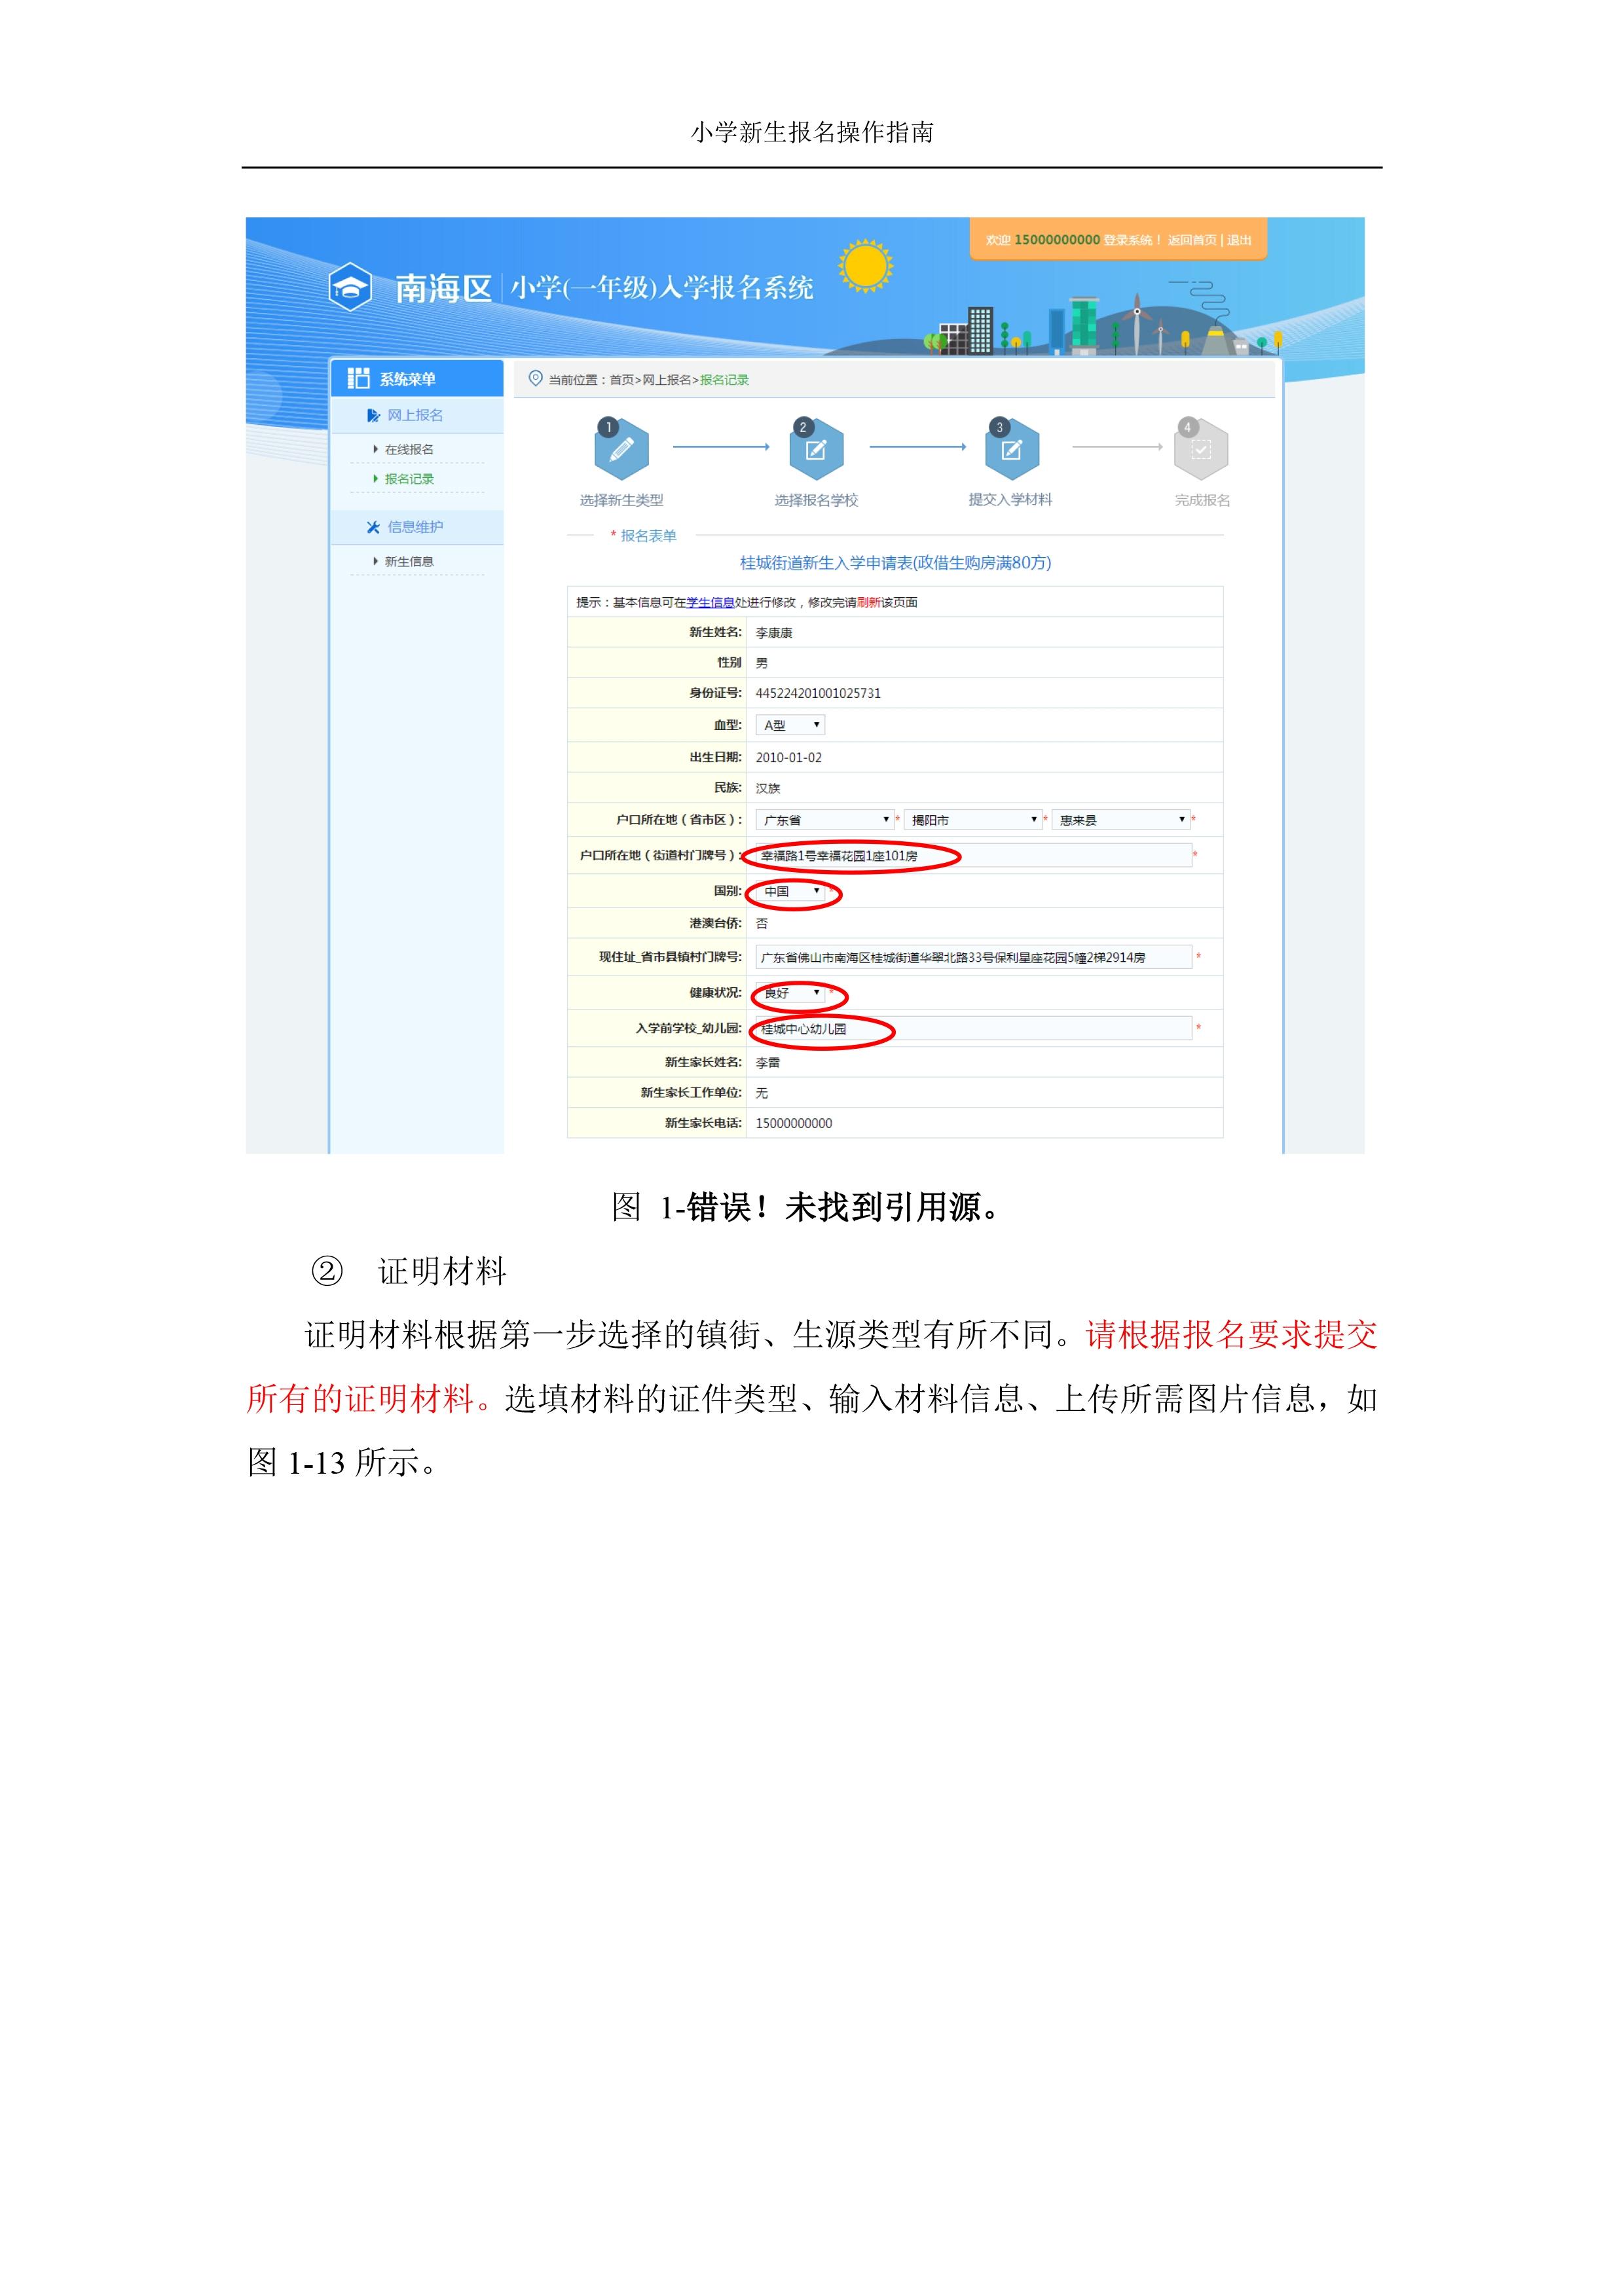 公办小学(一年级)入学服务系统(网上报名)-操作指南-16.jpg